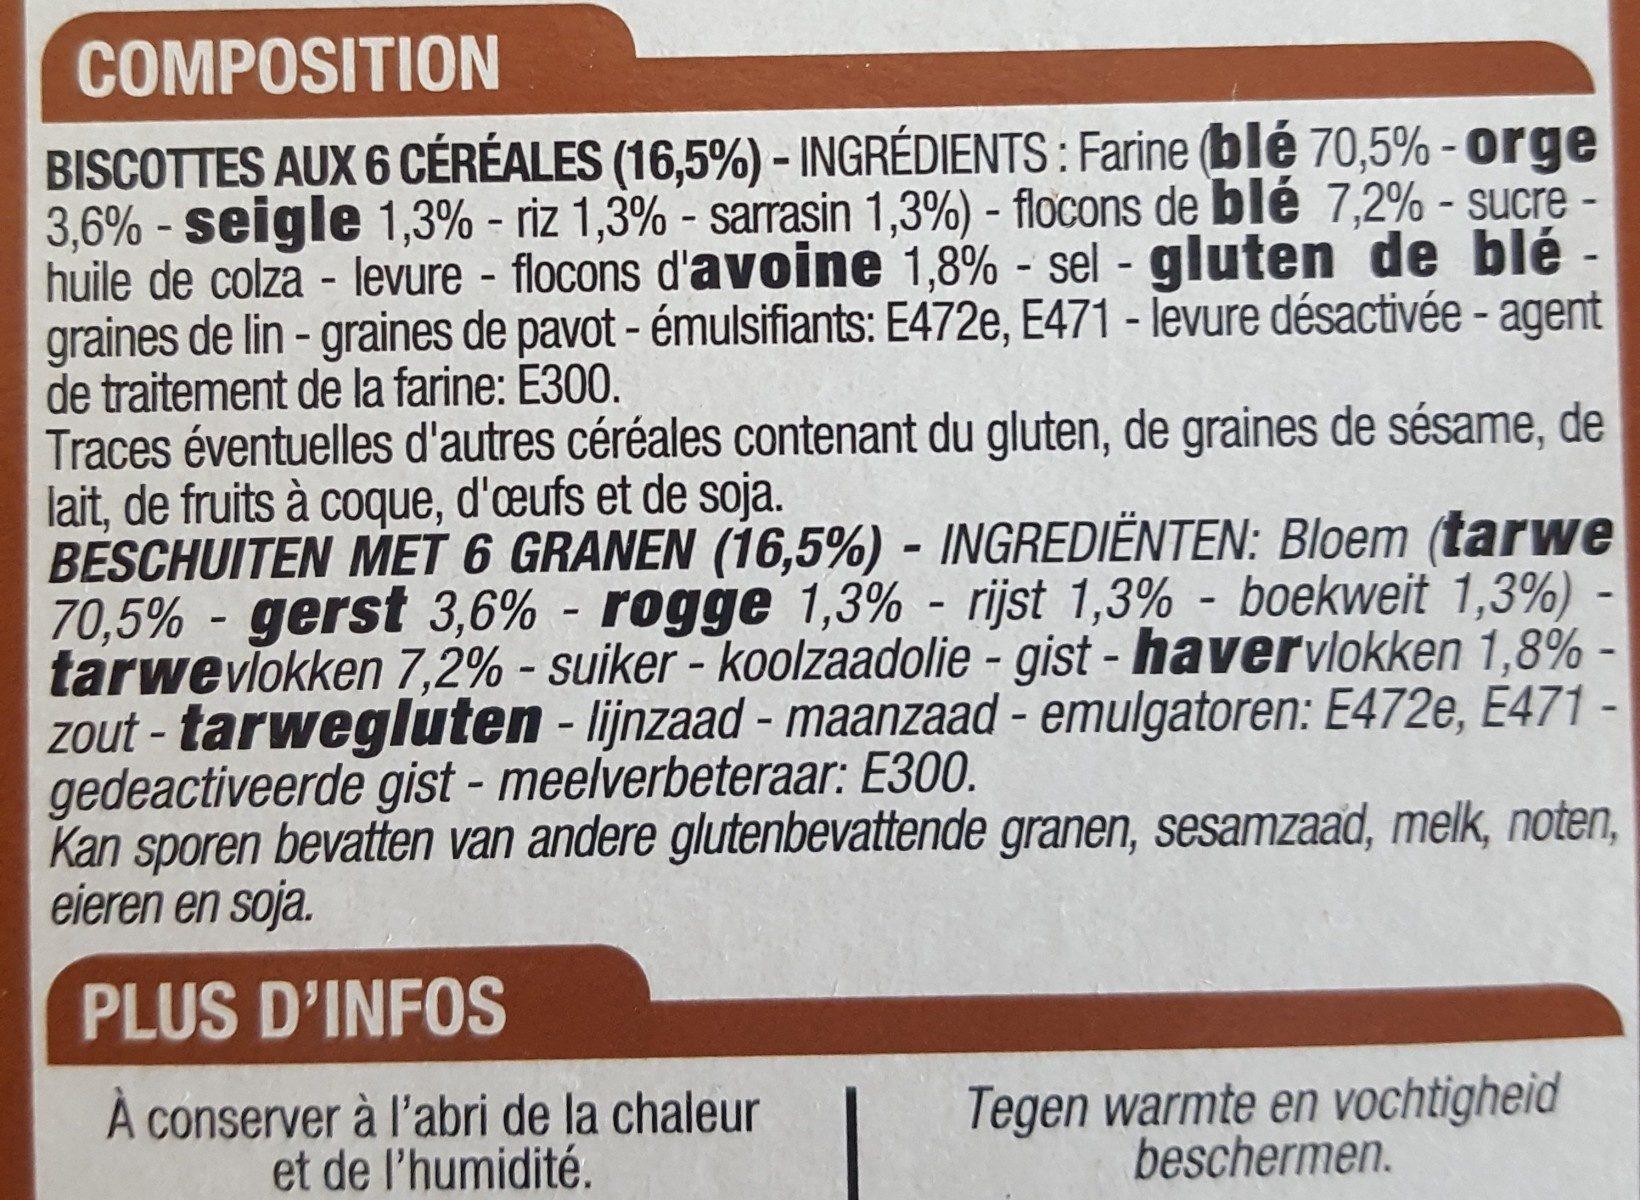 Biscottes 6 céréales - Ingrediënten